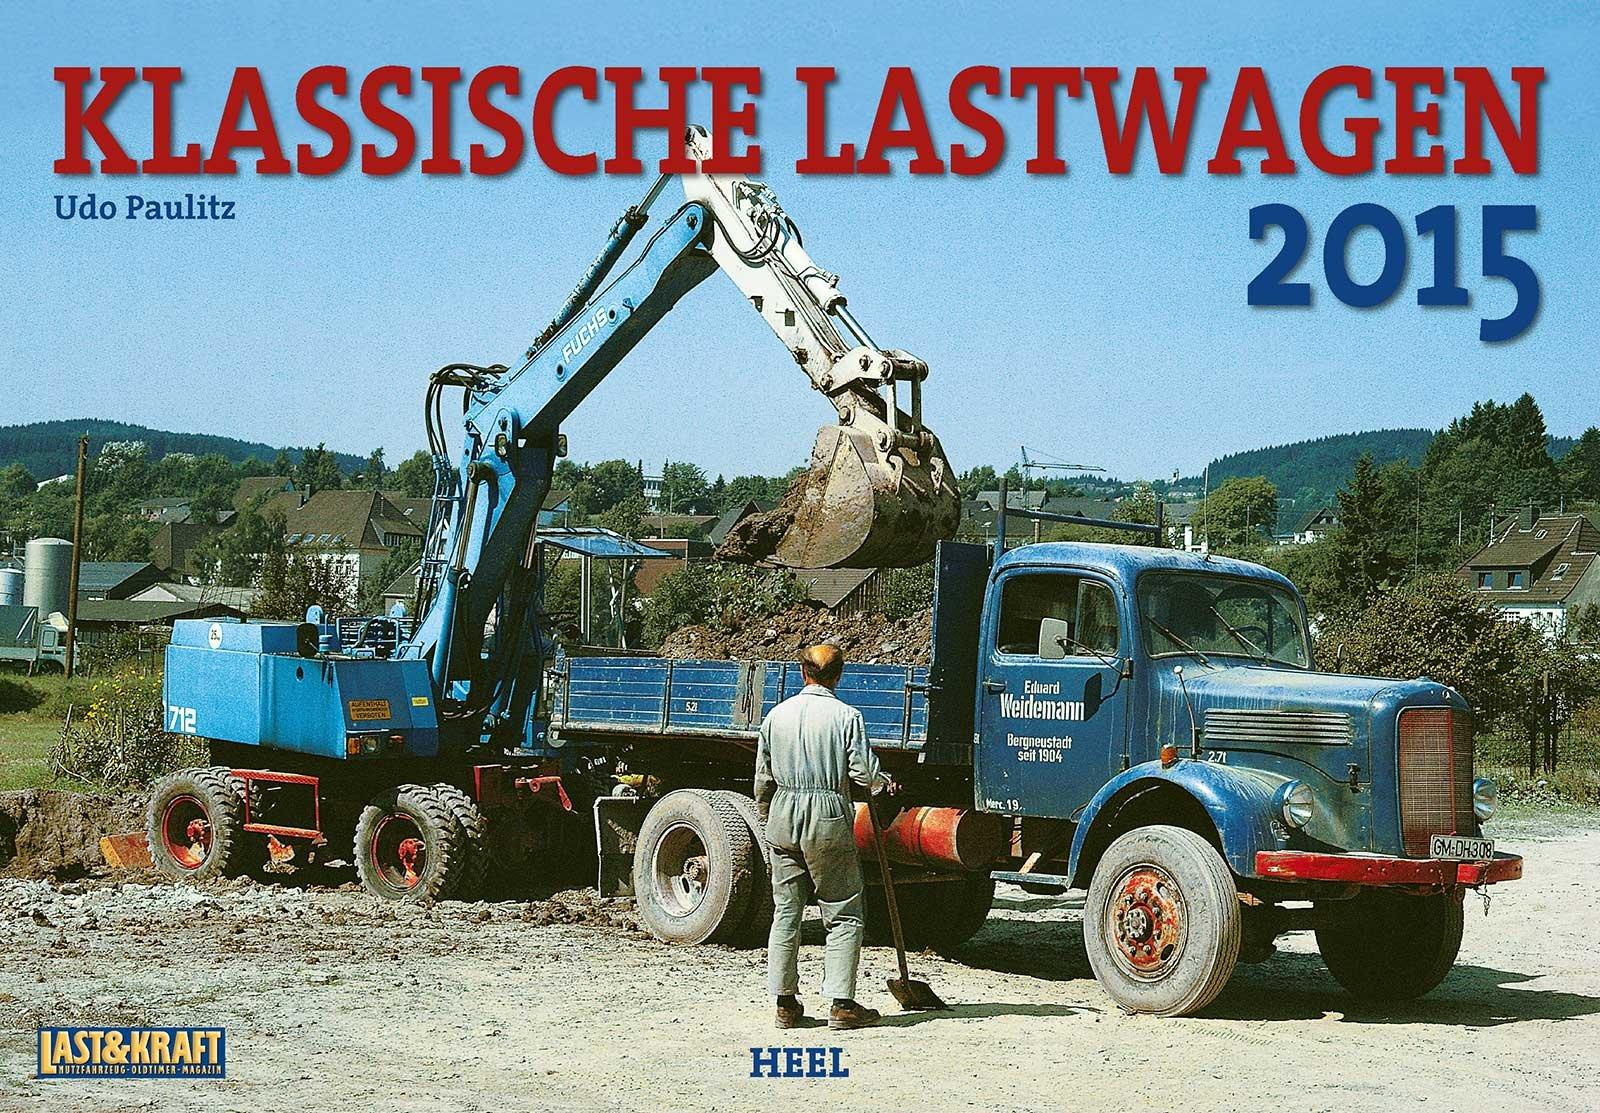 Klassische Lastwagen 2015